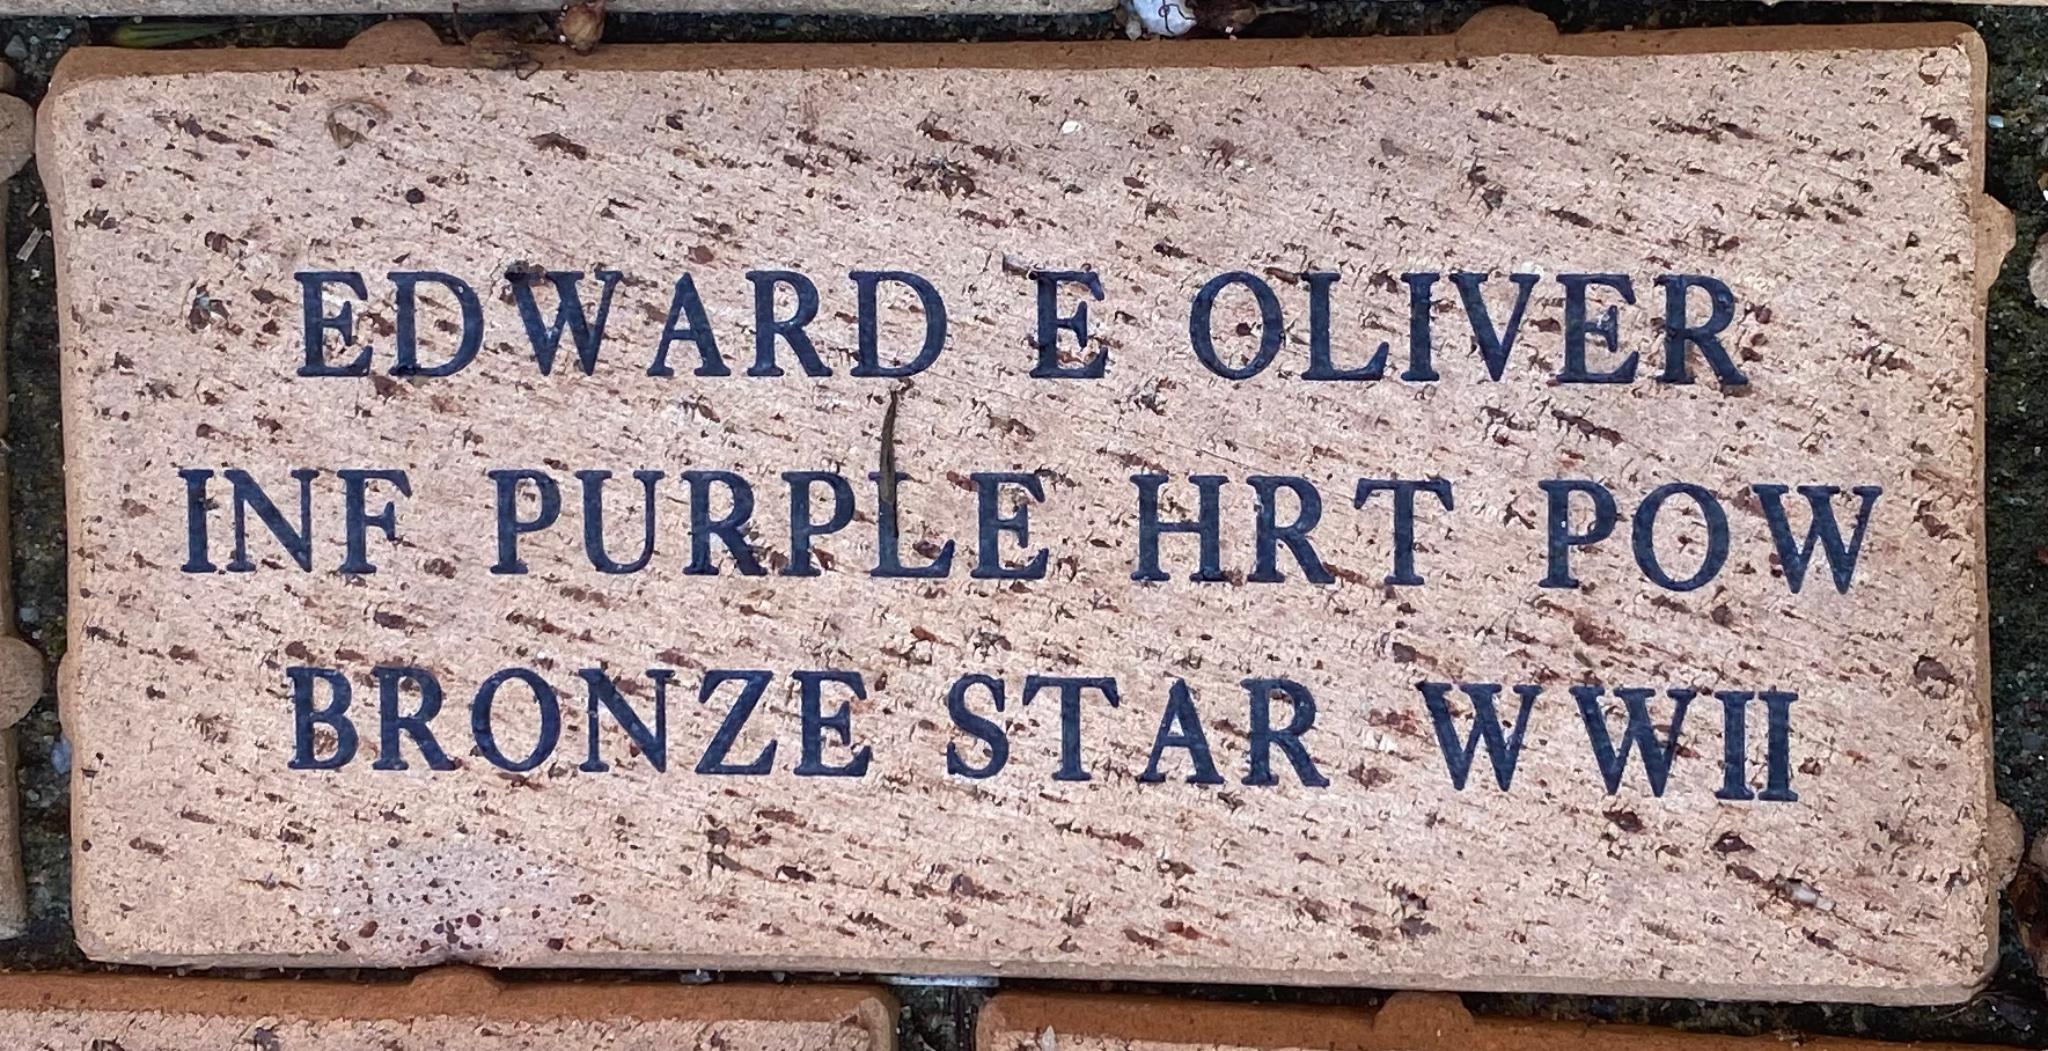 EDWARD E OLIVER INF PURPLE HRT POW BRONZE STAR WWII